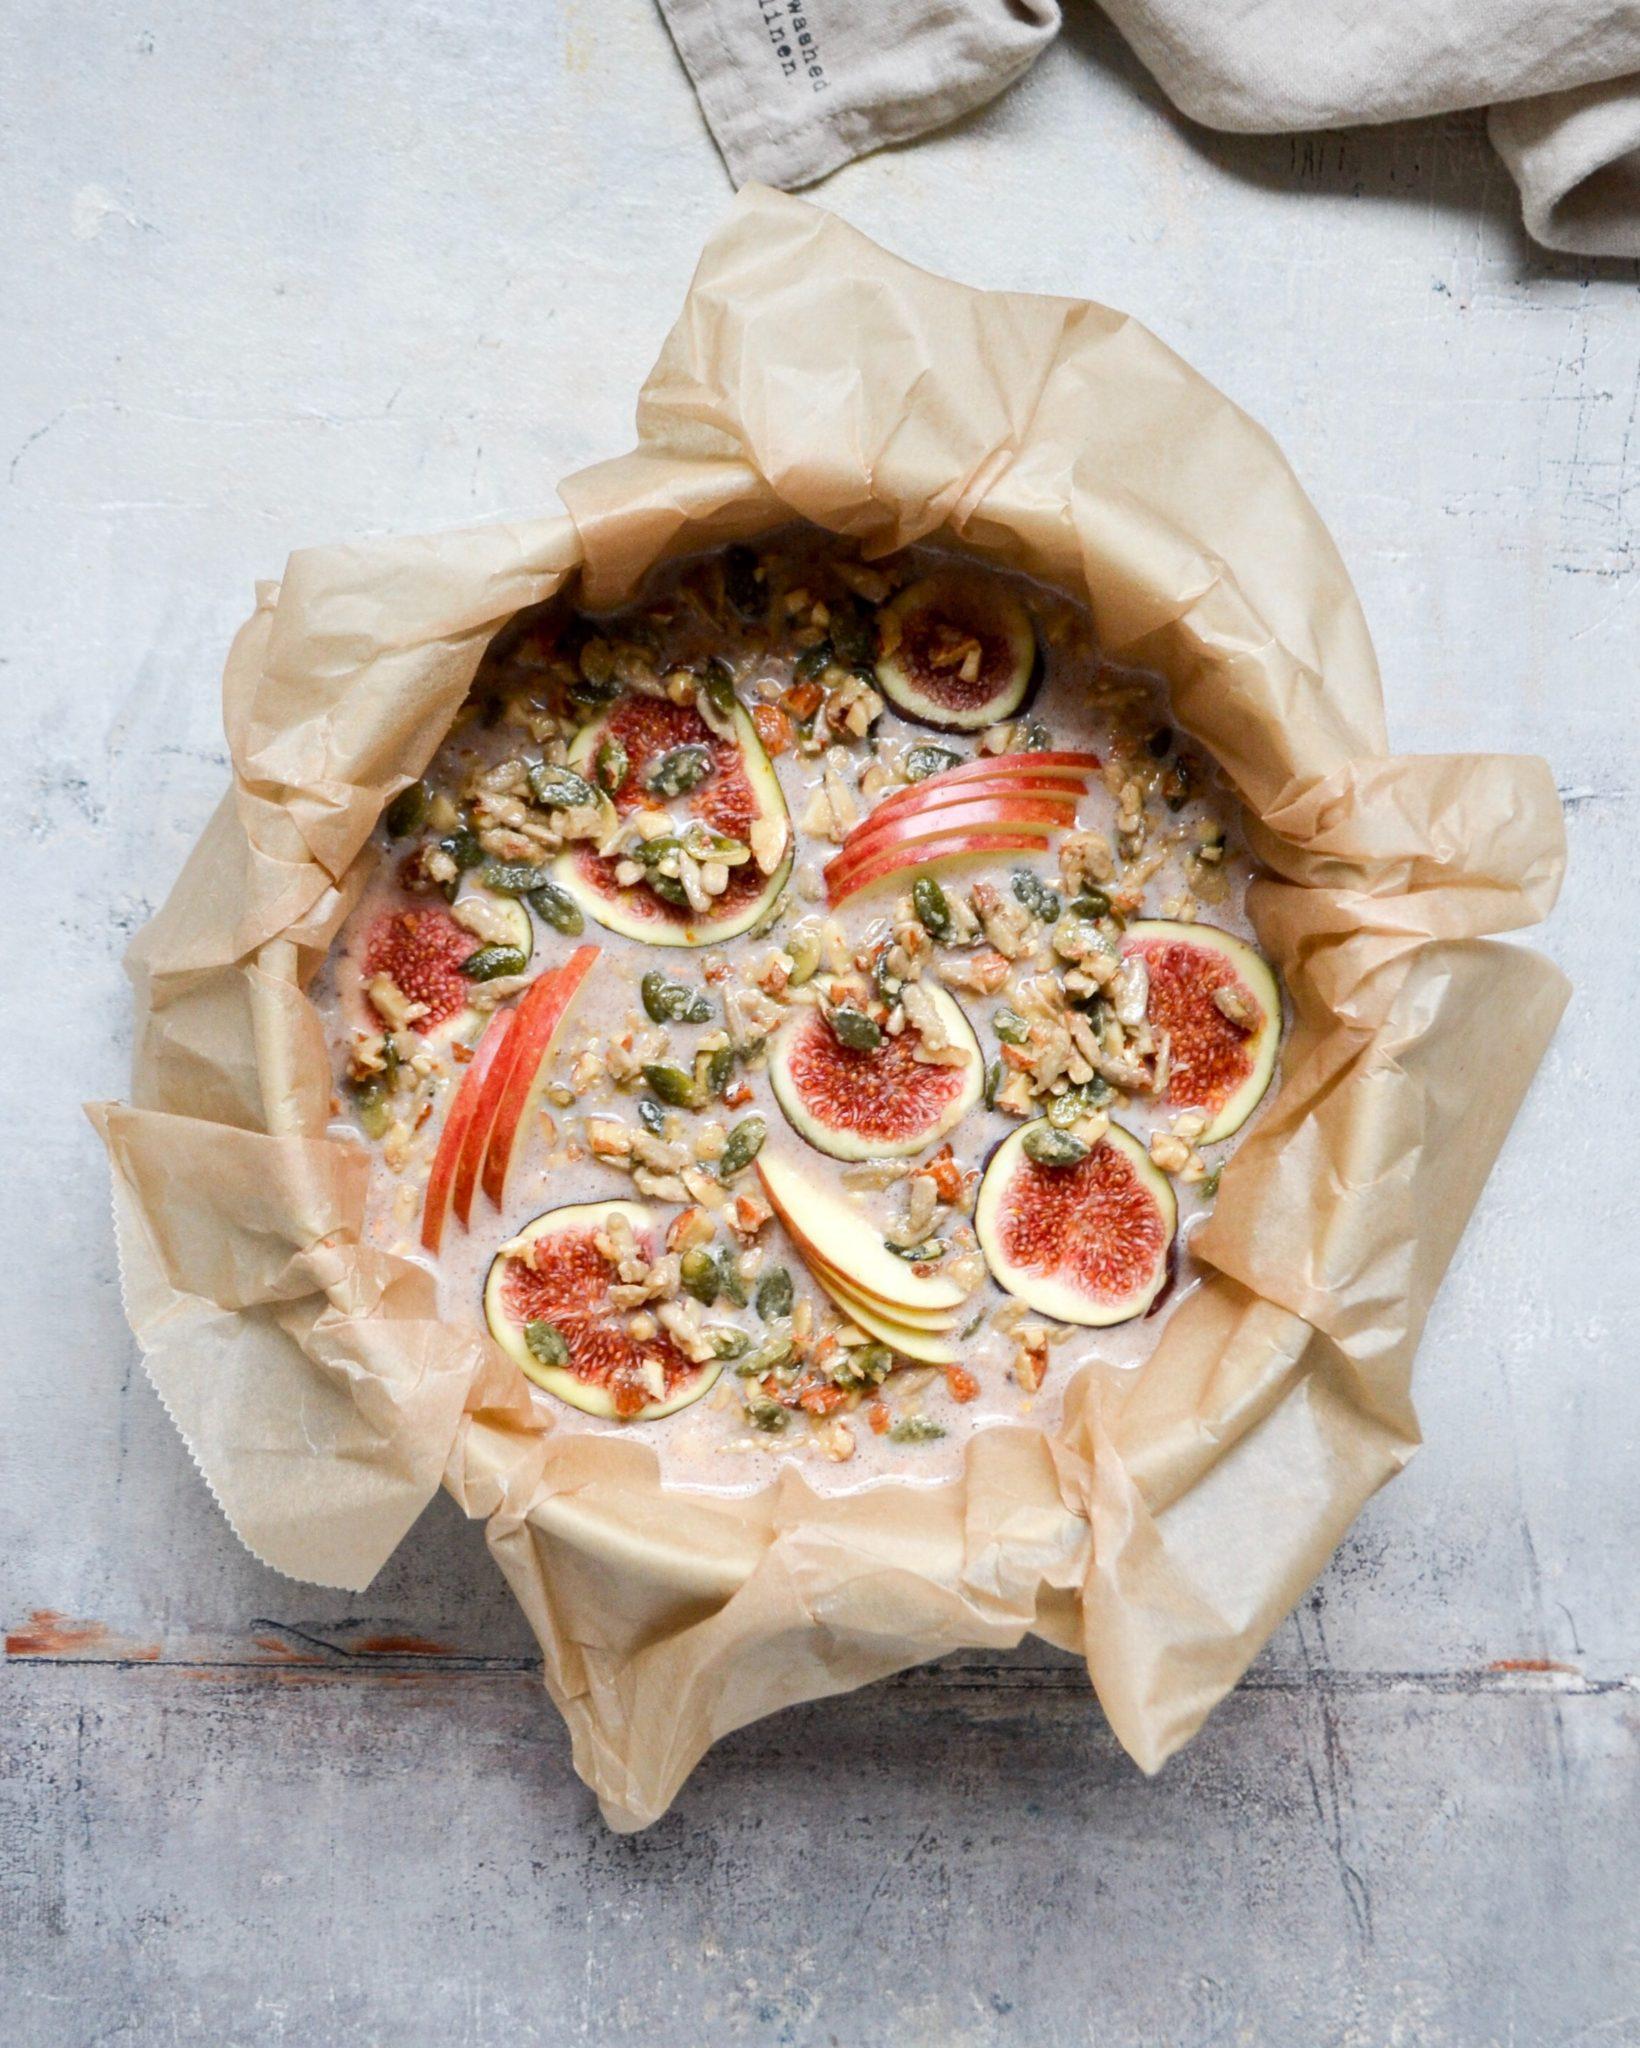 bagt müsligrød med tain, æbler og figner